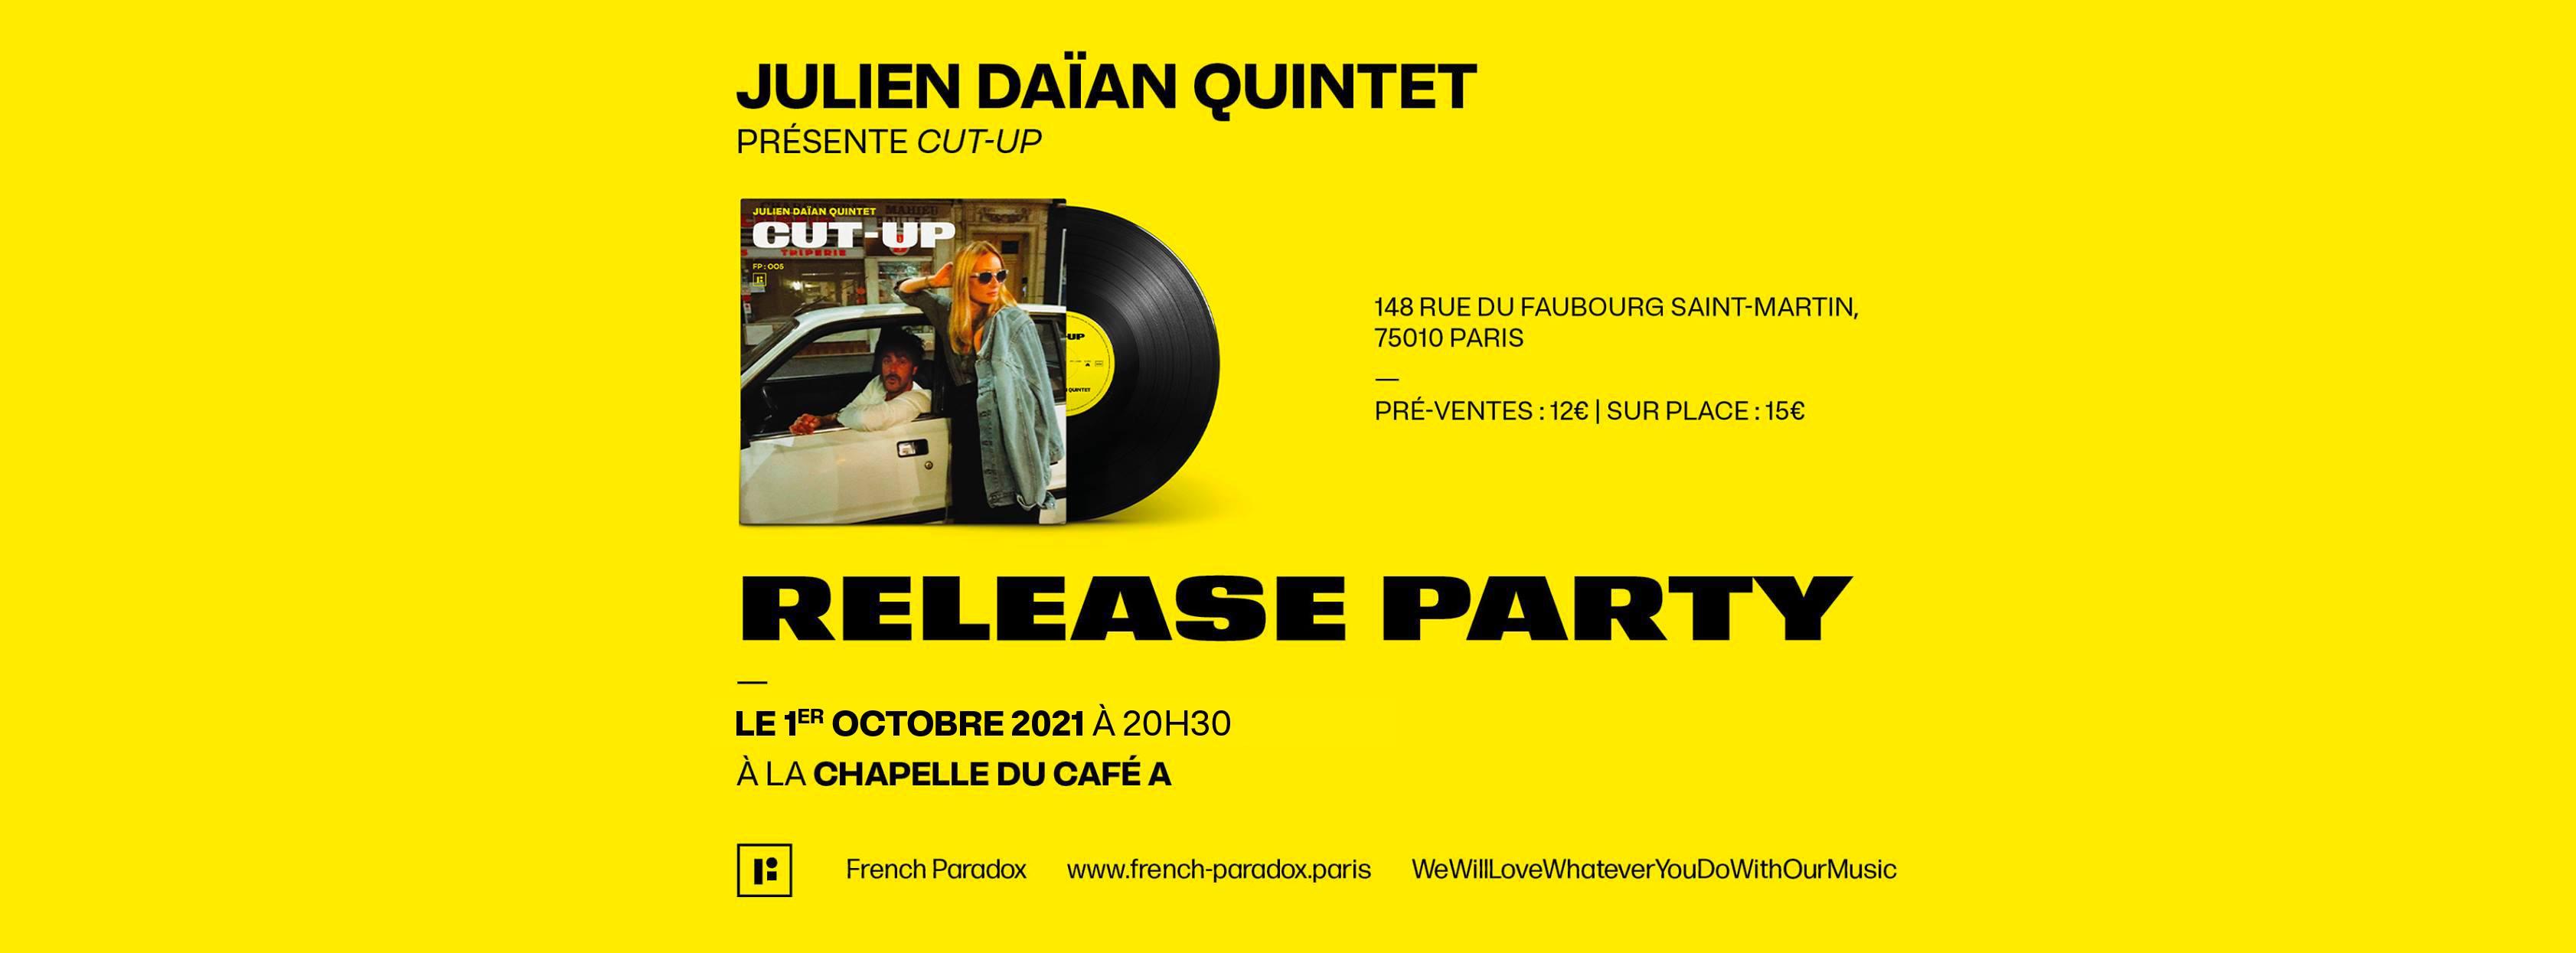 Julien Daïan Quintet présente CUT-UP